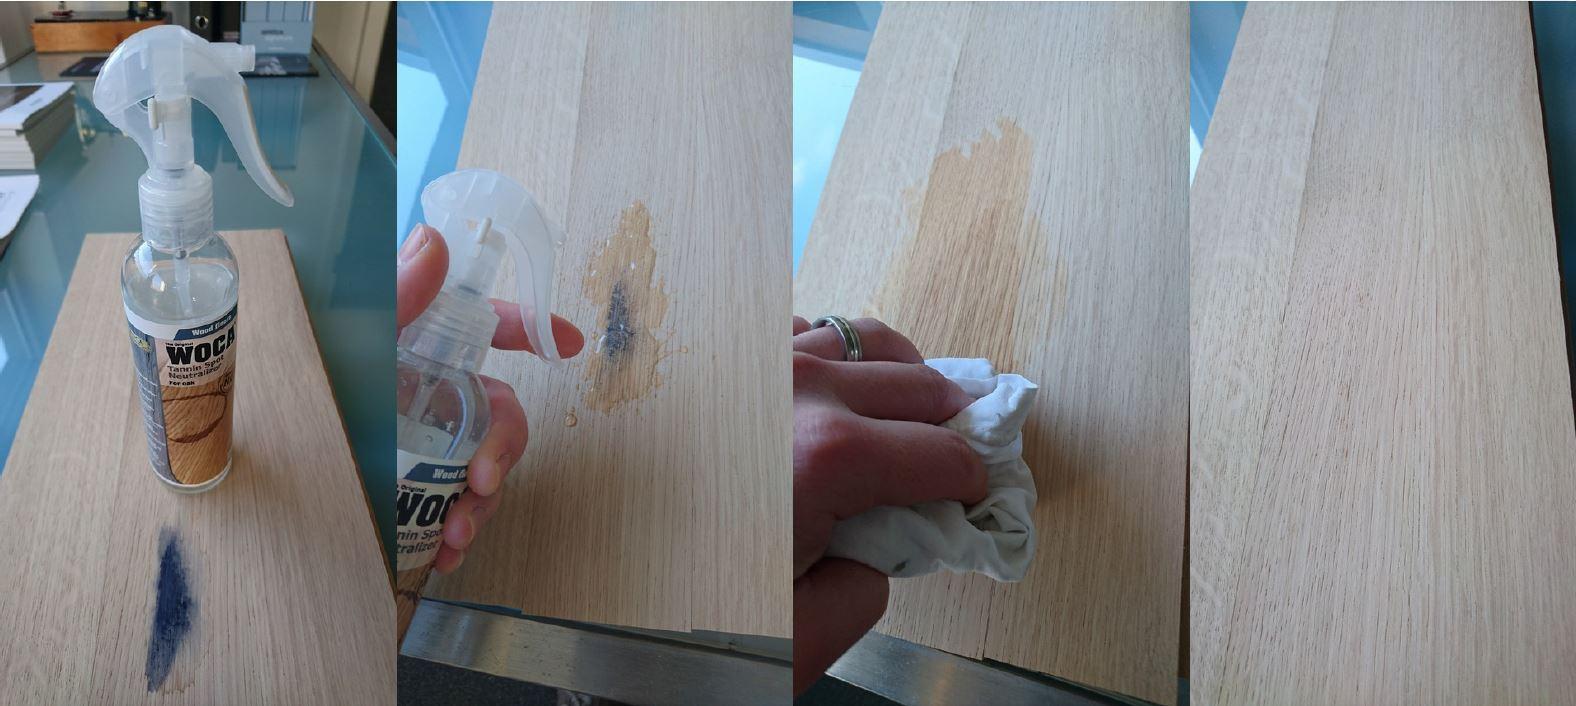 Gerbsäure-Fleckenspray-Versuch